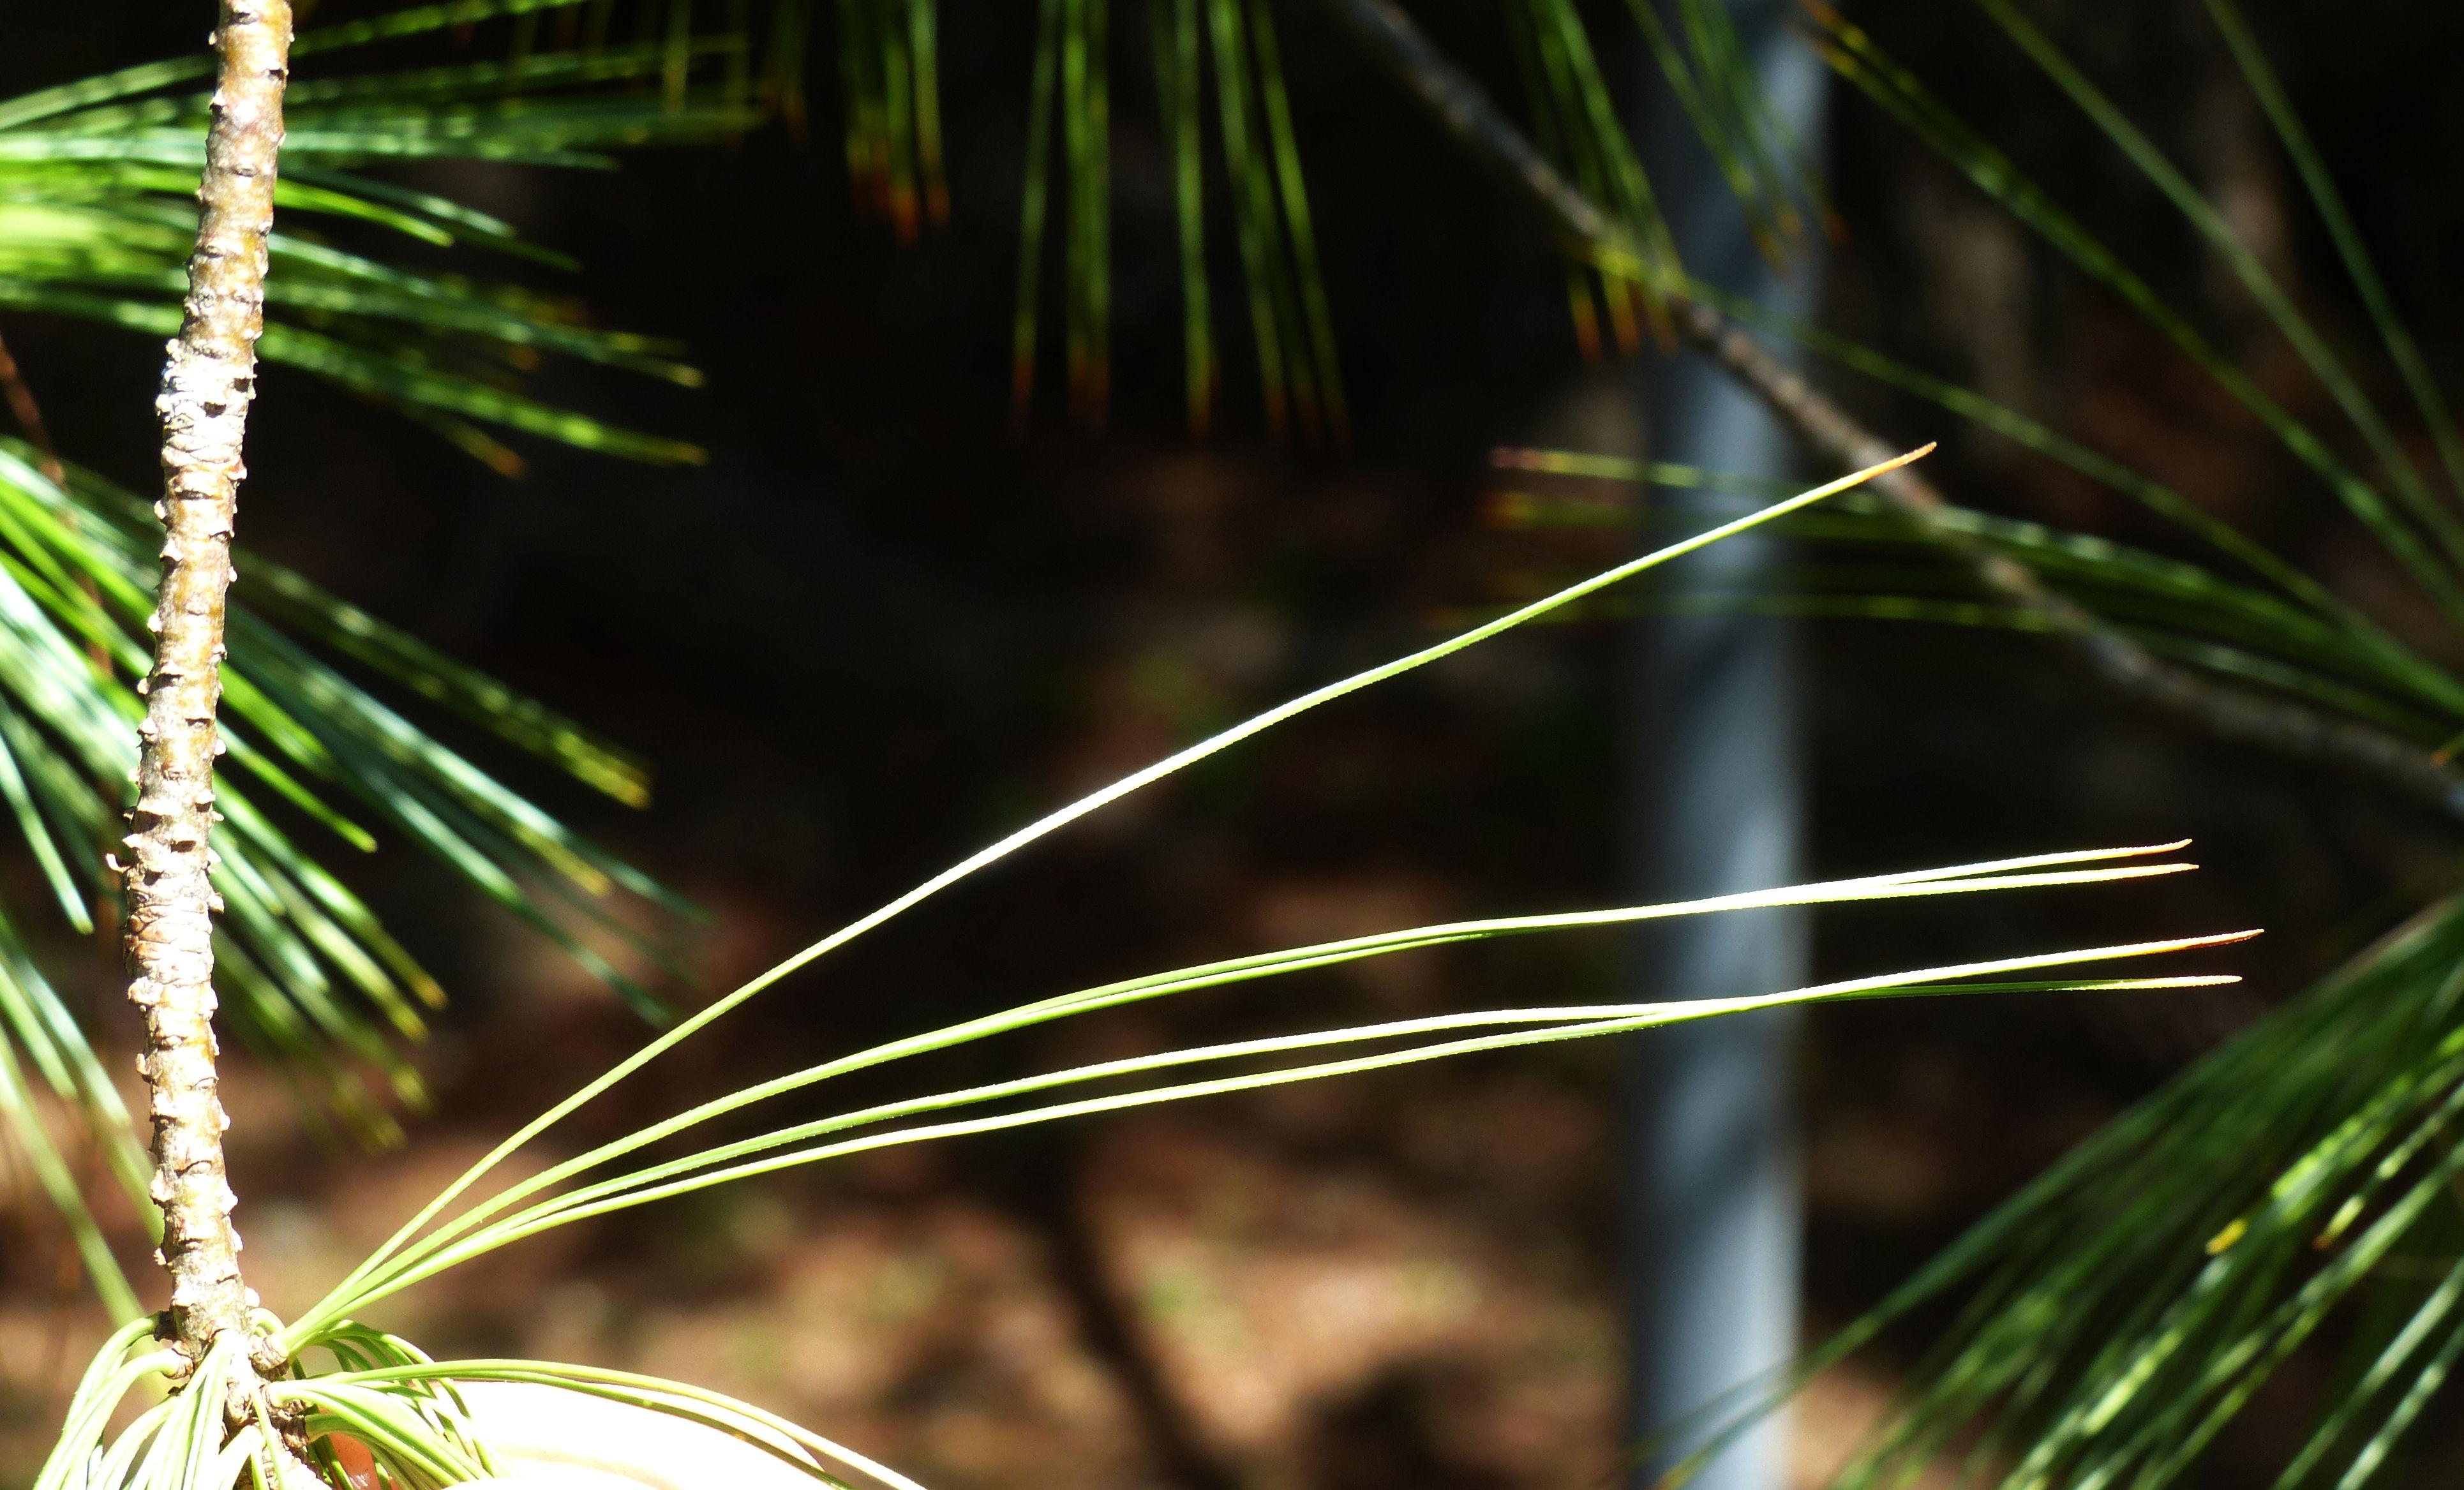 © Dipartimento di Scienze della Vita, Università degli Studi di Trieste<br>by Andrea Moro<br>Lucca, Orto Botanico nel Parco delle Mura, LU, Toscana, Italia, 29/08/2013<br>Distributed under CC-BY-SA 4.0 license.